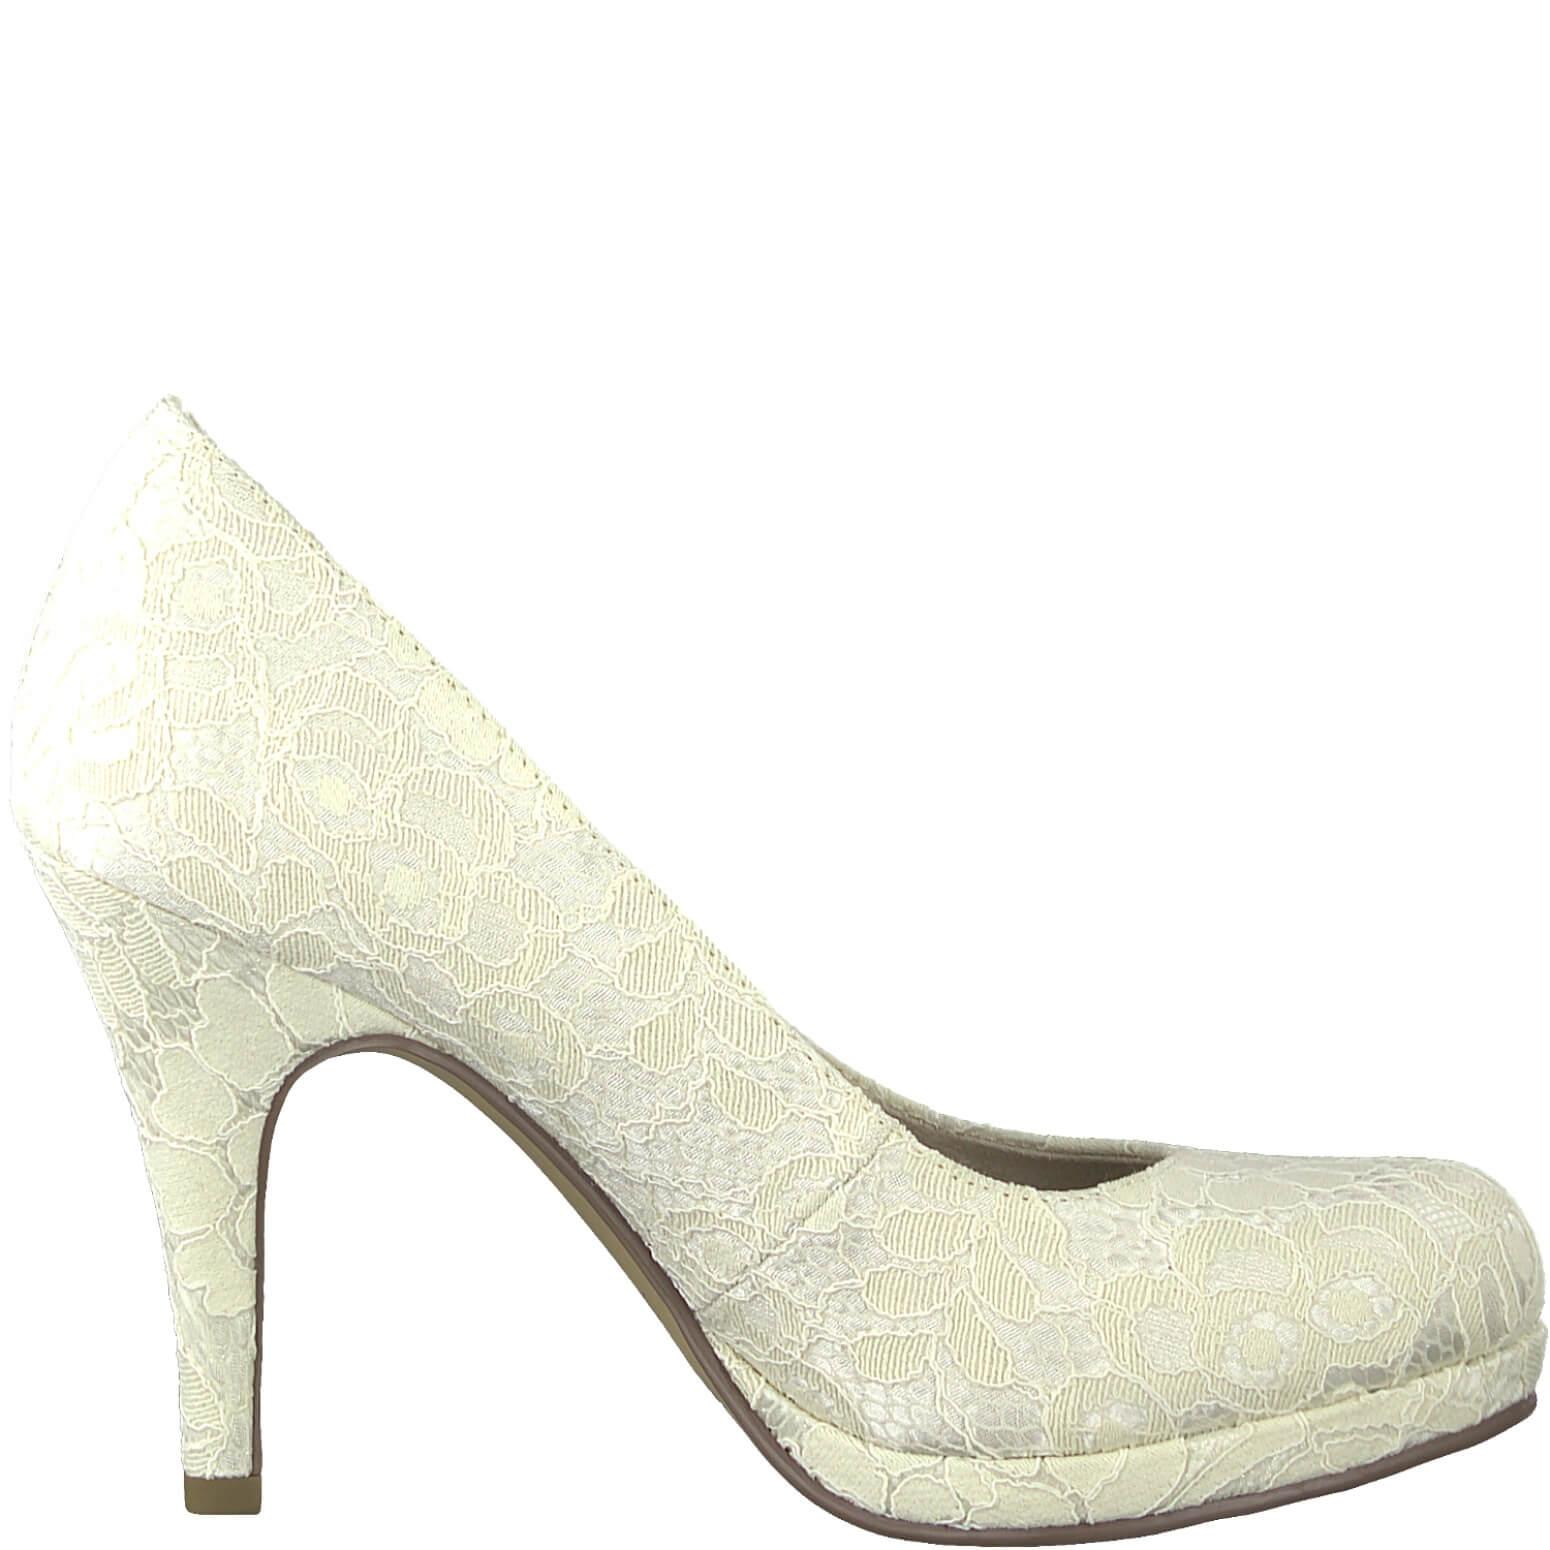 Tamaris Női alkalmi cipő 1-1-22407-22-419 Ivory Macramee Ingyenes SZÁLLÍTÁS   6af06dfd0b